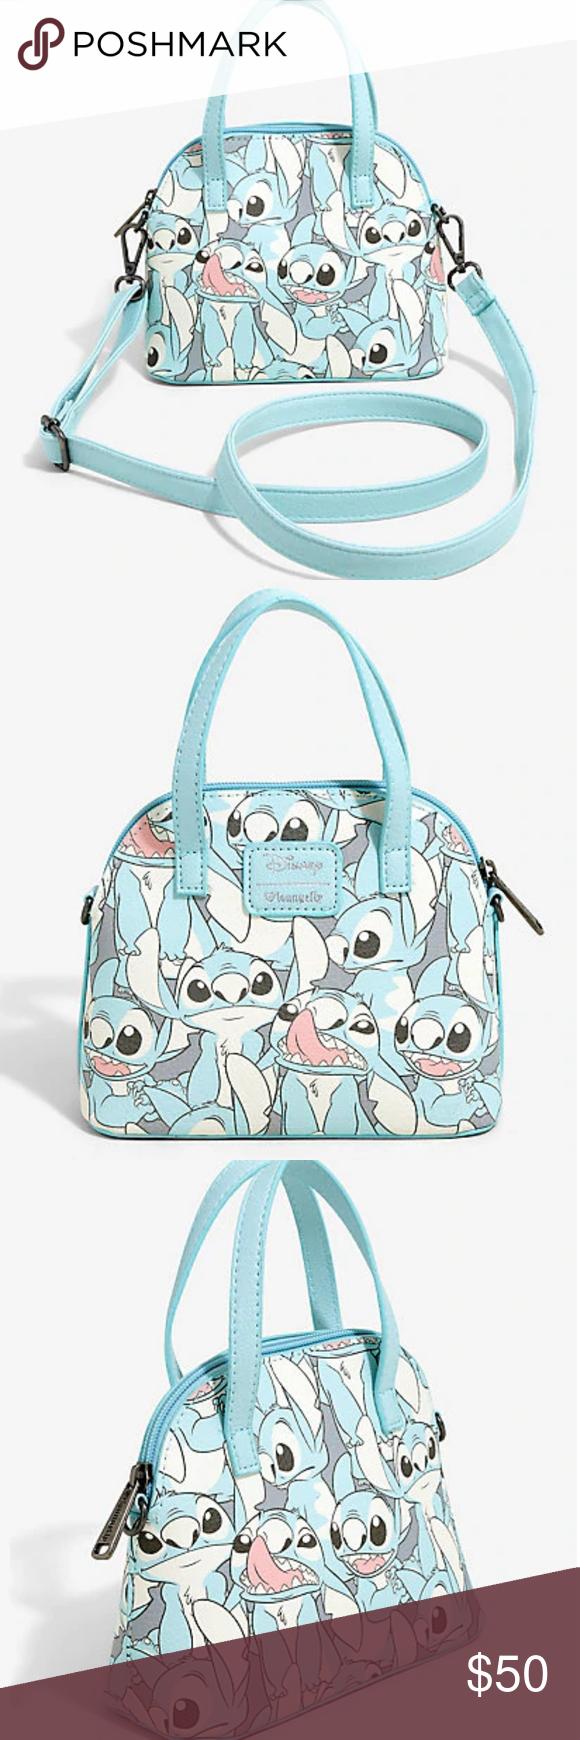 Loungefly Disney Lilo & Stitch Dome Crossbody Bag  Loungefly Disney Lilo & Stitch Dome Crossbody Bag #stitchdisney